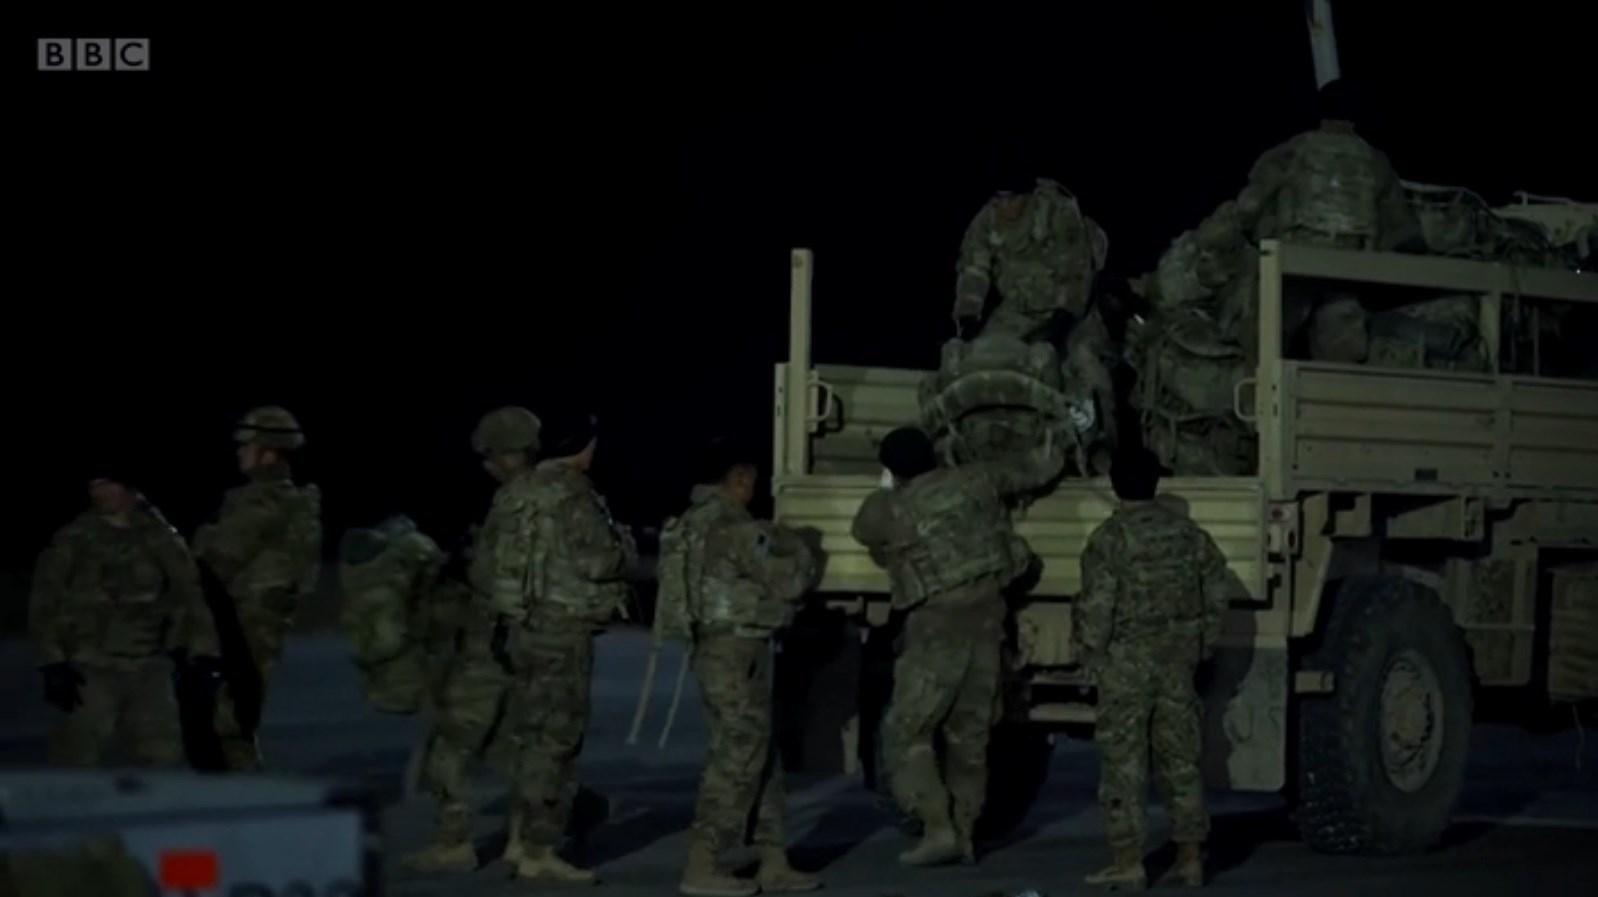 کشور آمریکا , جمهوری اسلامی ایران , کشور عراق , اخبار نظامی | اخبار دفاعی , موشک بالستیک ,